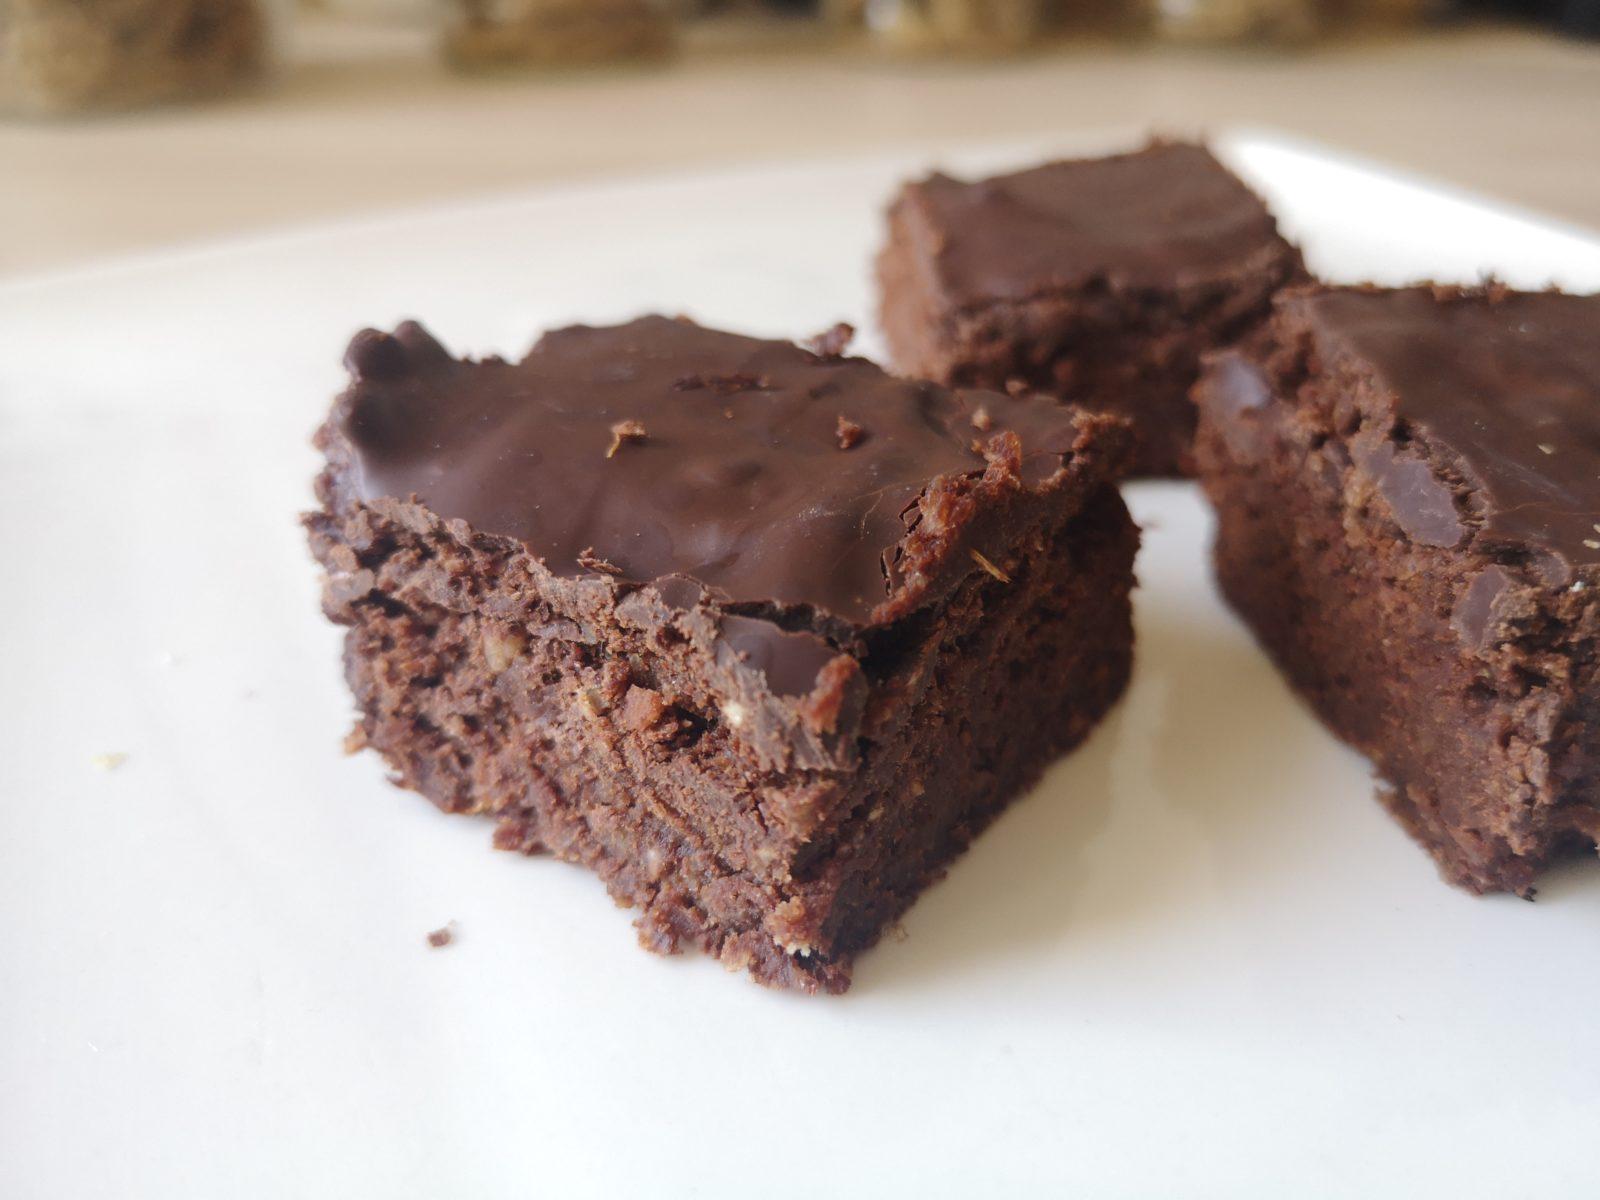 Vegane Brownies natürlich gesüsst!